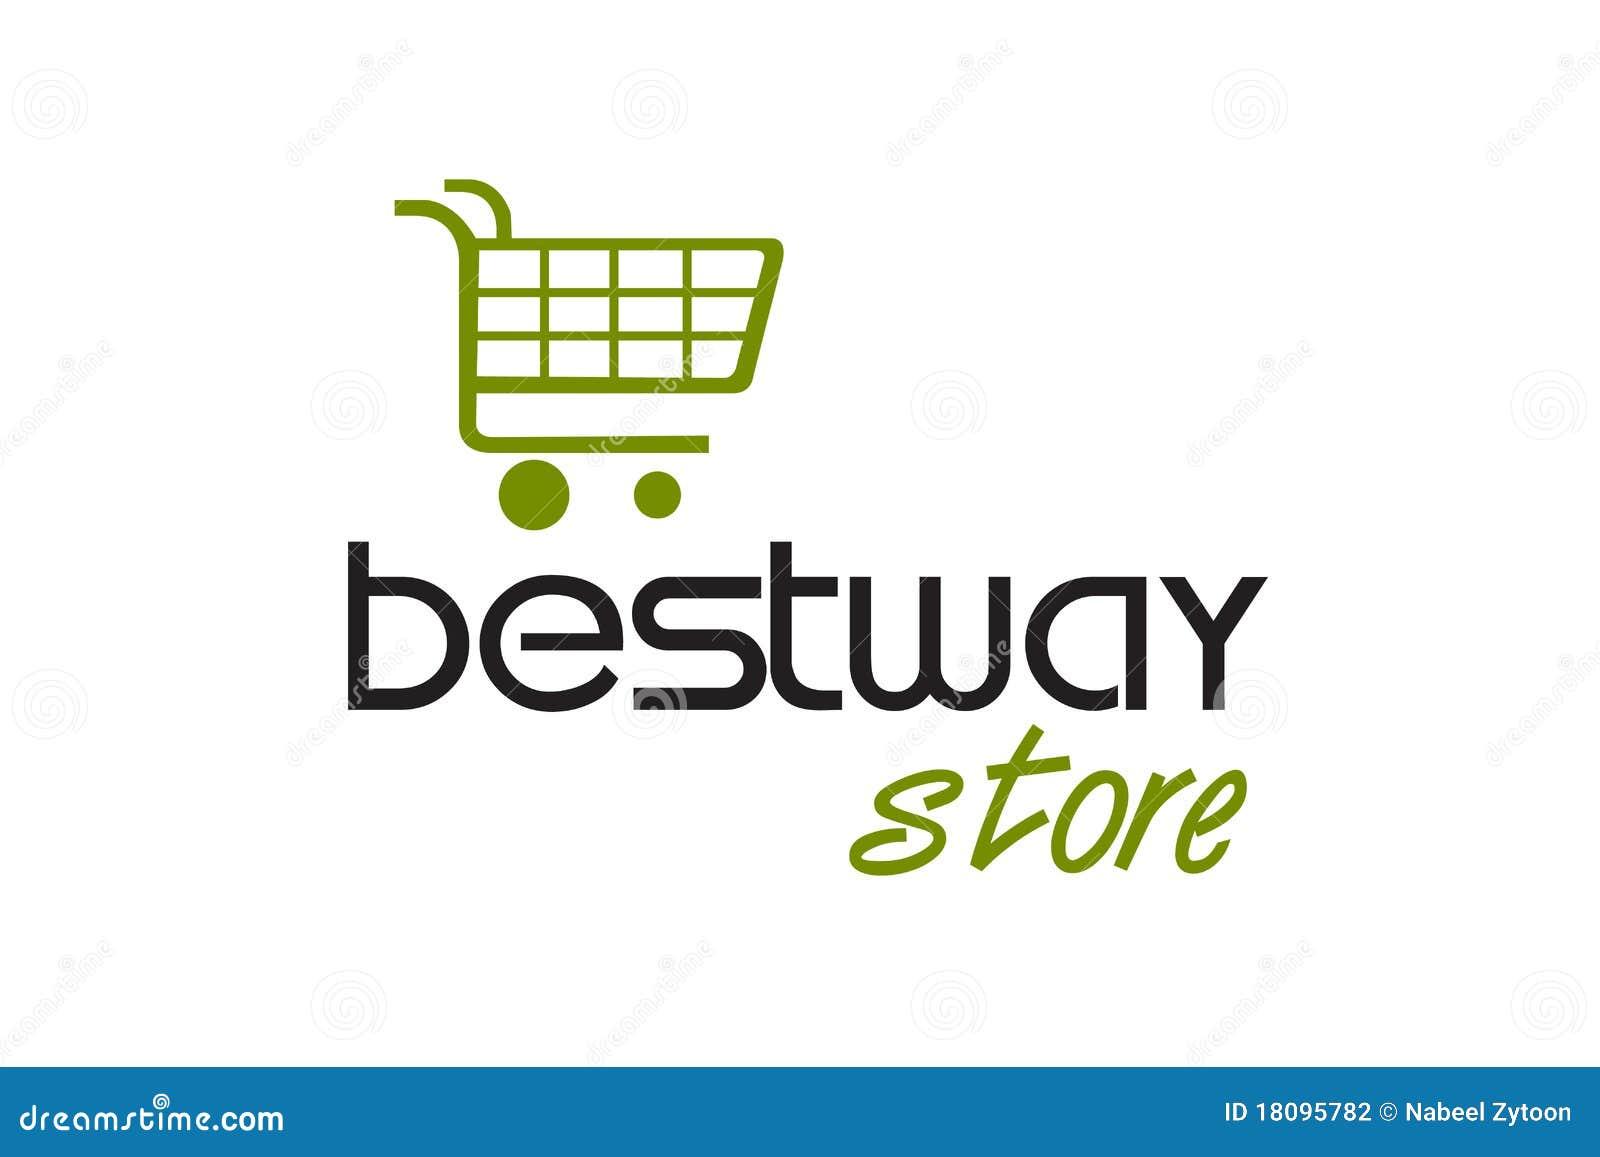 Shopping Station Logo Design Stock Photography Image